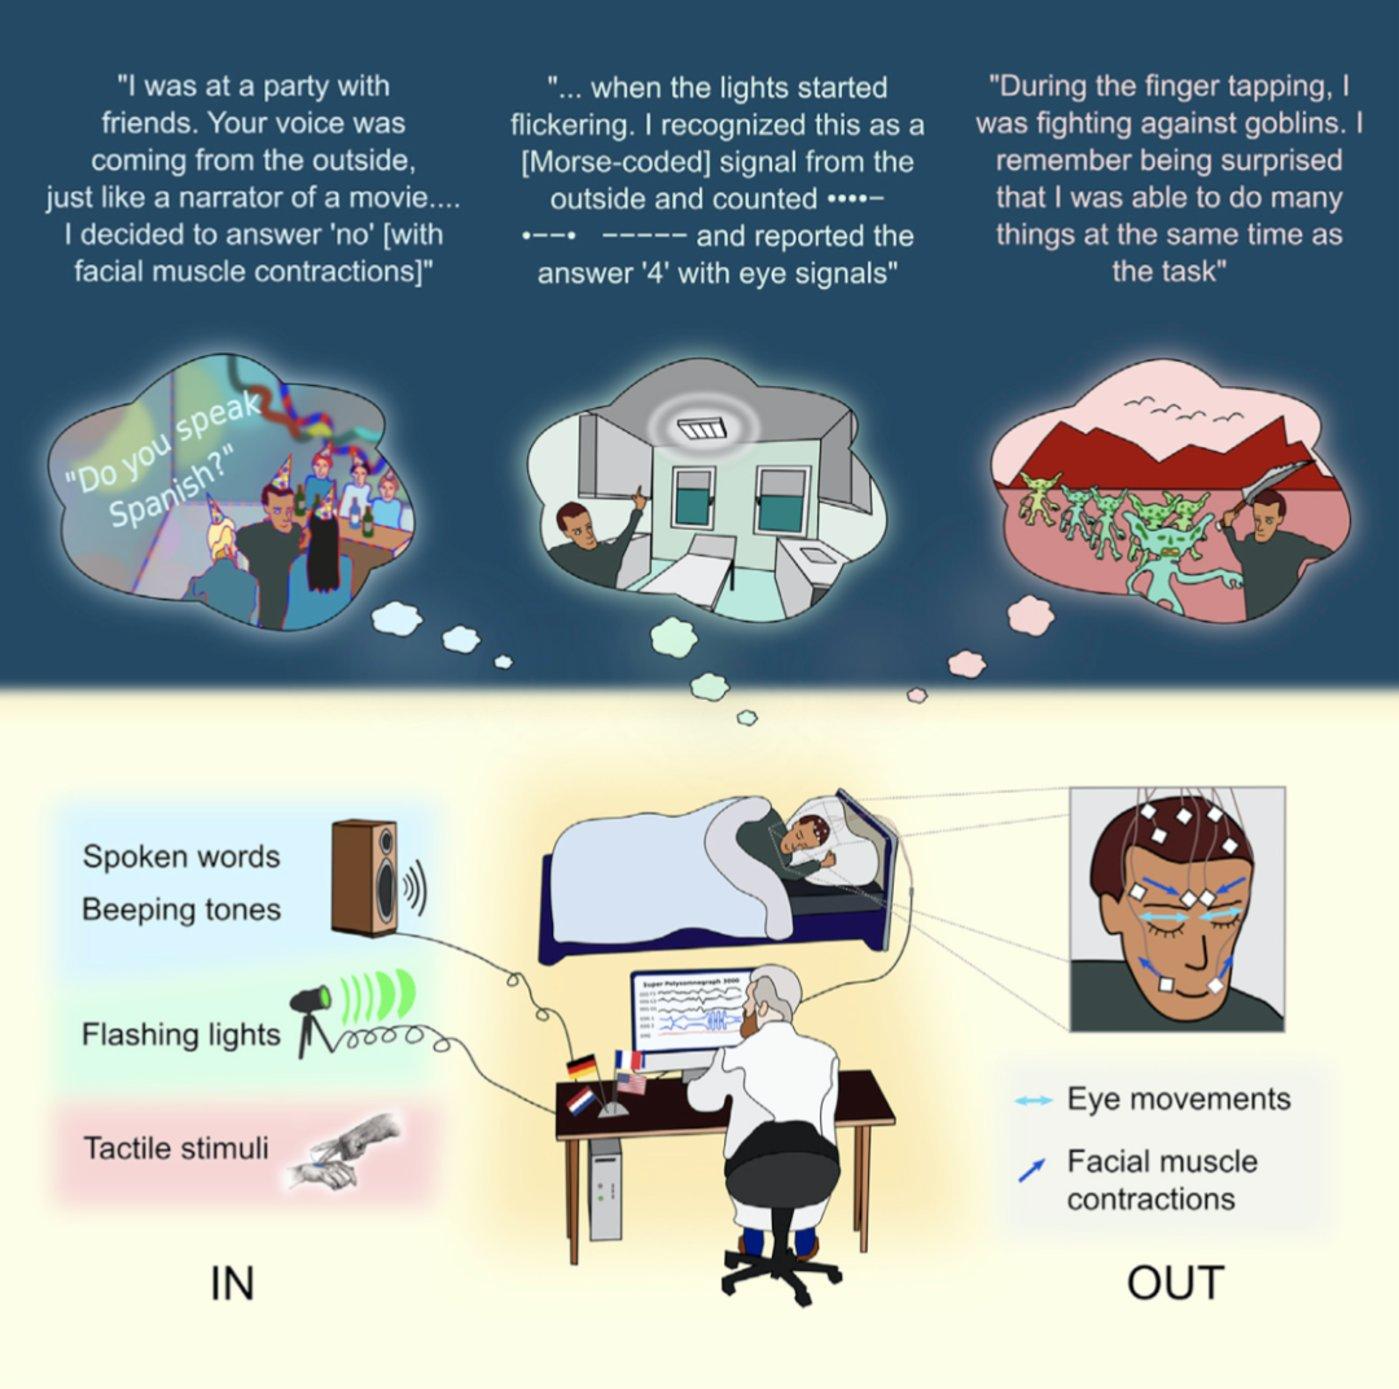 图 实验环境概述,IN(左下)是指信息从实验者传递到做梦者的方法;OUT(右下)指的是将信息从做梦者传递给实验者的方法。(来源:Current Biology)